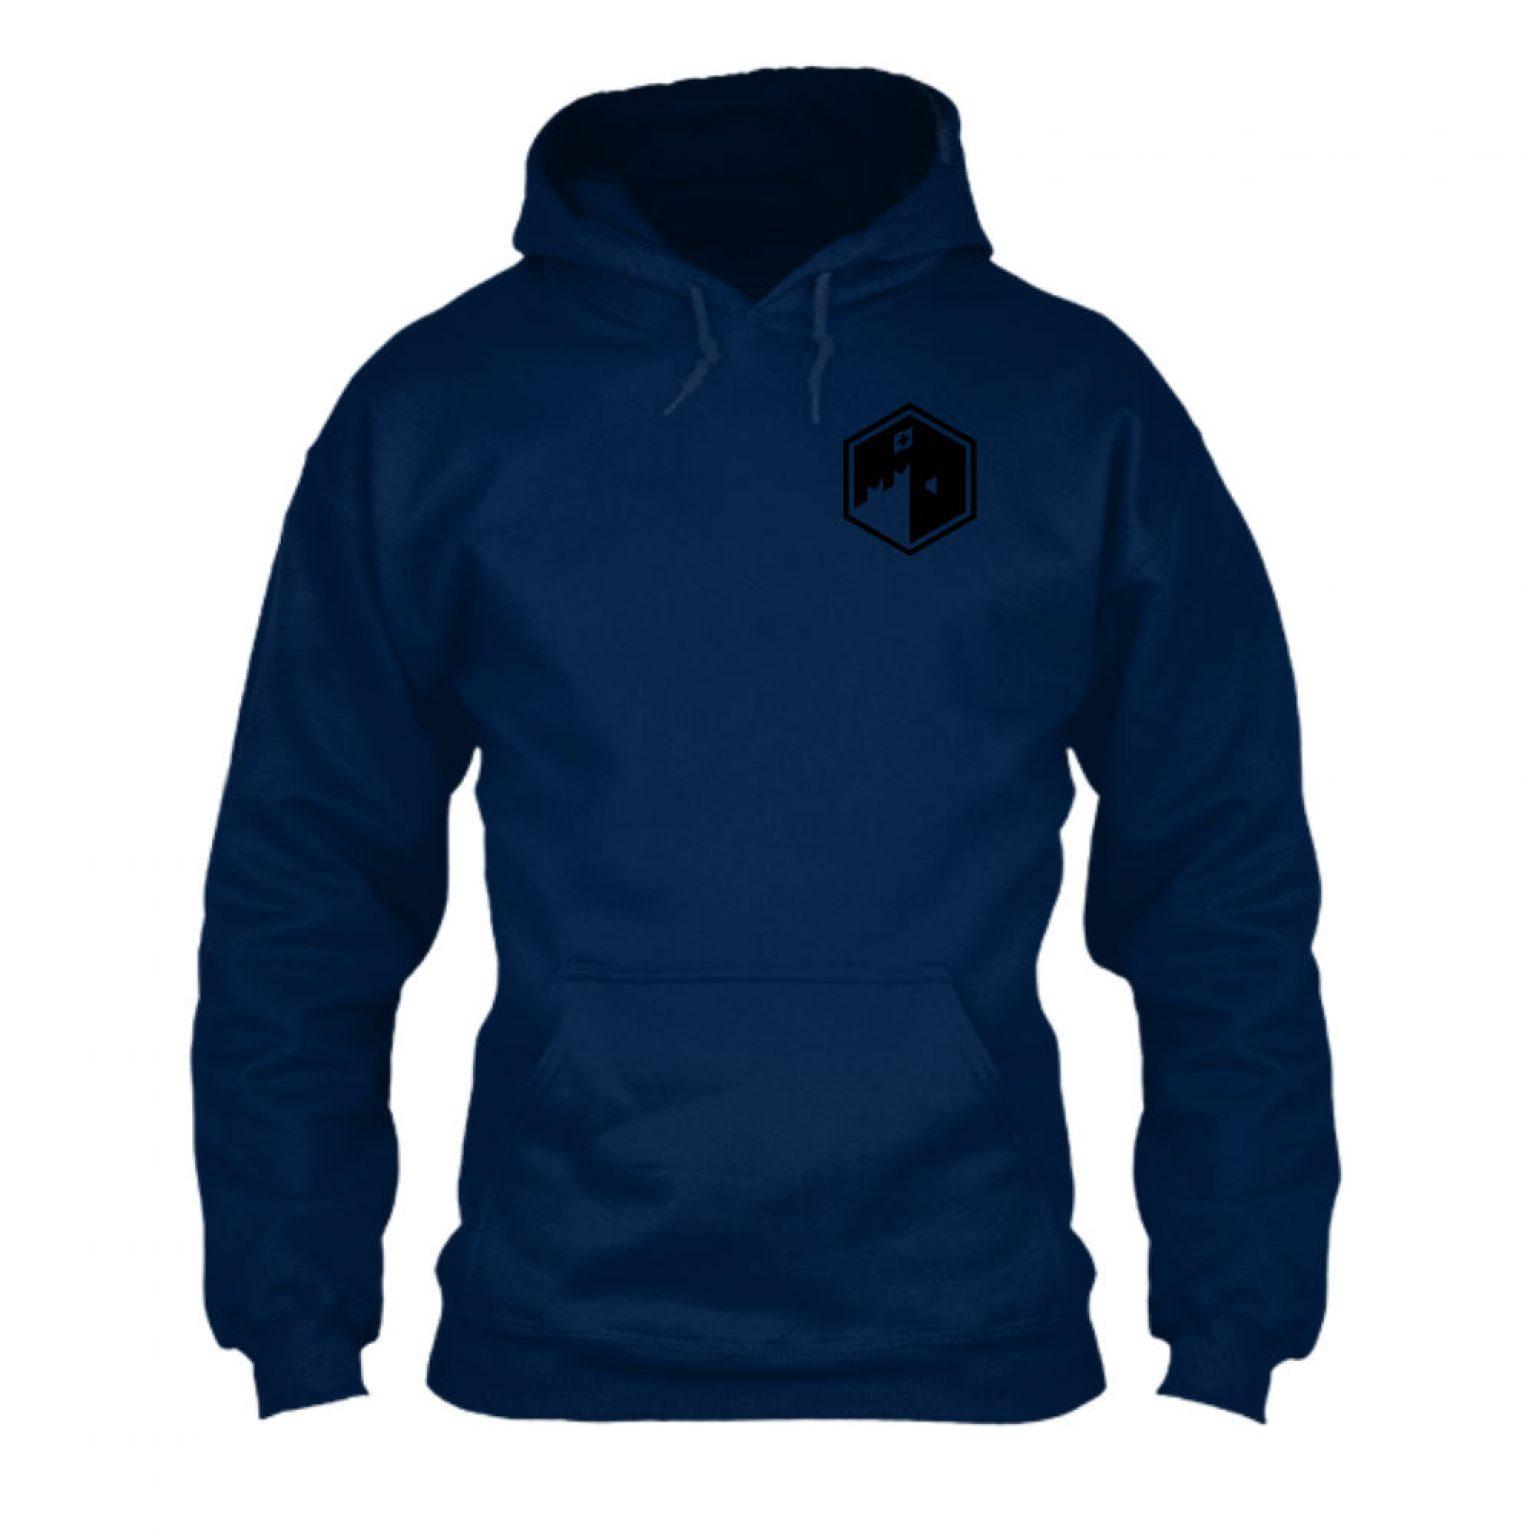 CFB hoodie herren navy front